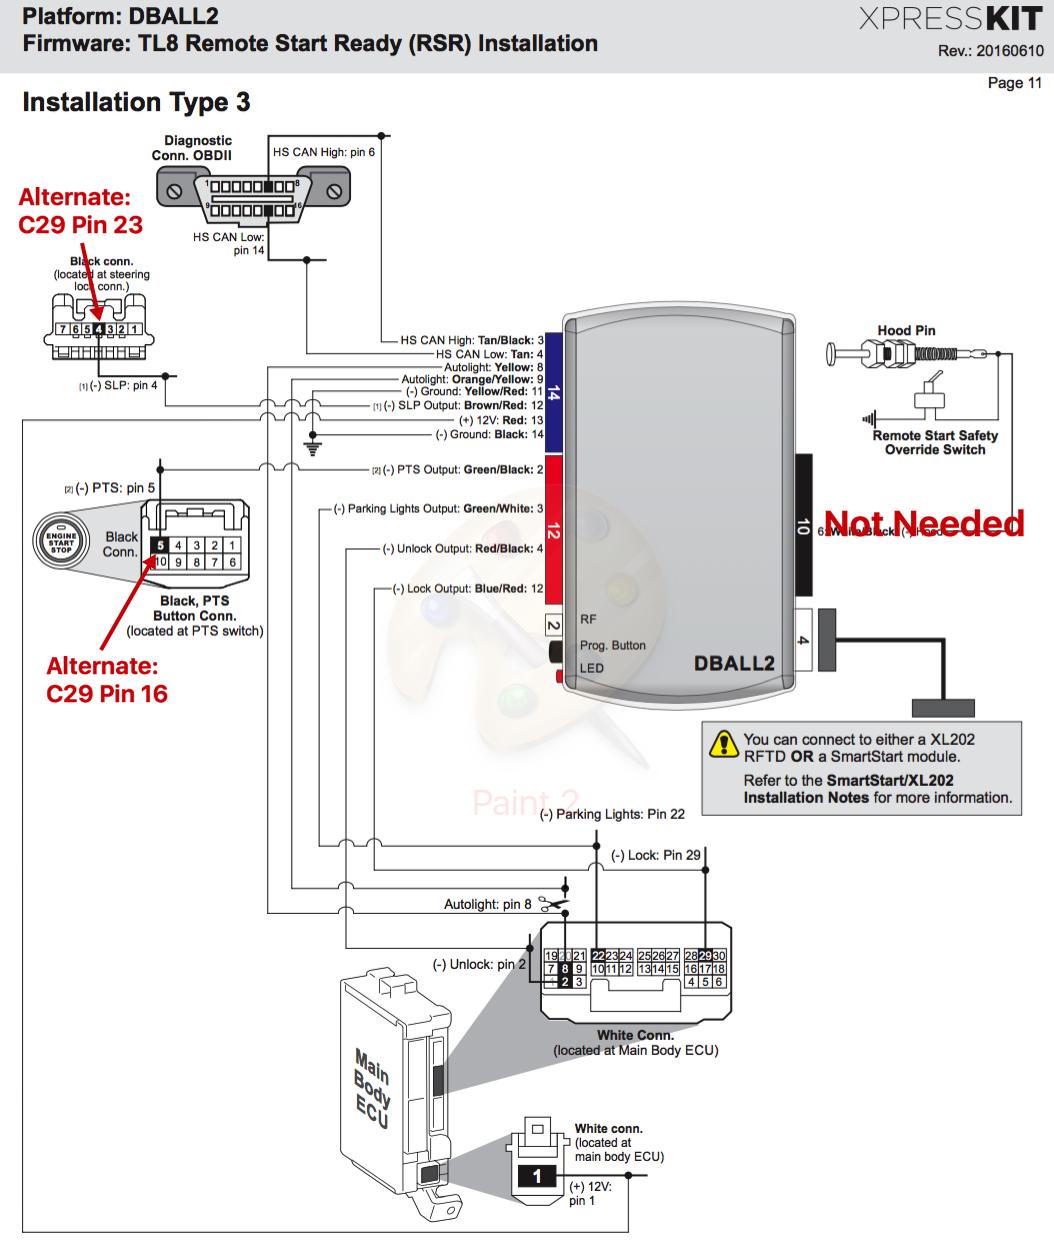 Dei Remote Start Wiring Diagram Tribute | Wiring Diagram - Dball2 Wiring Diagram